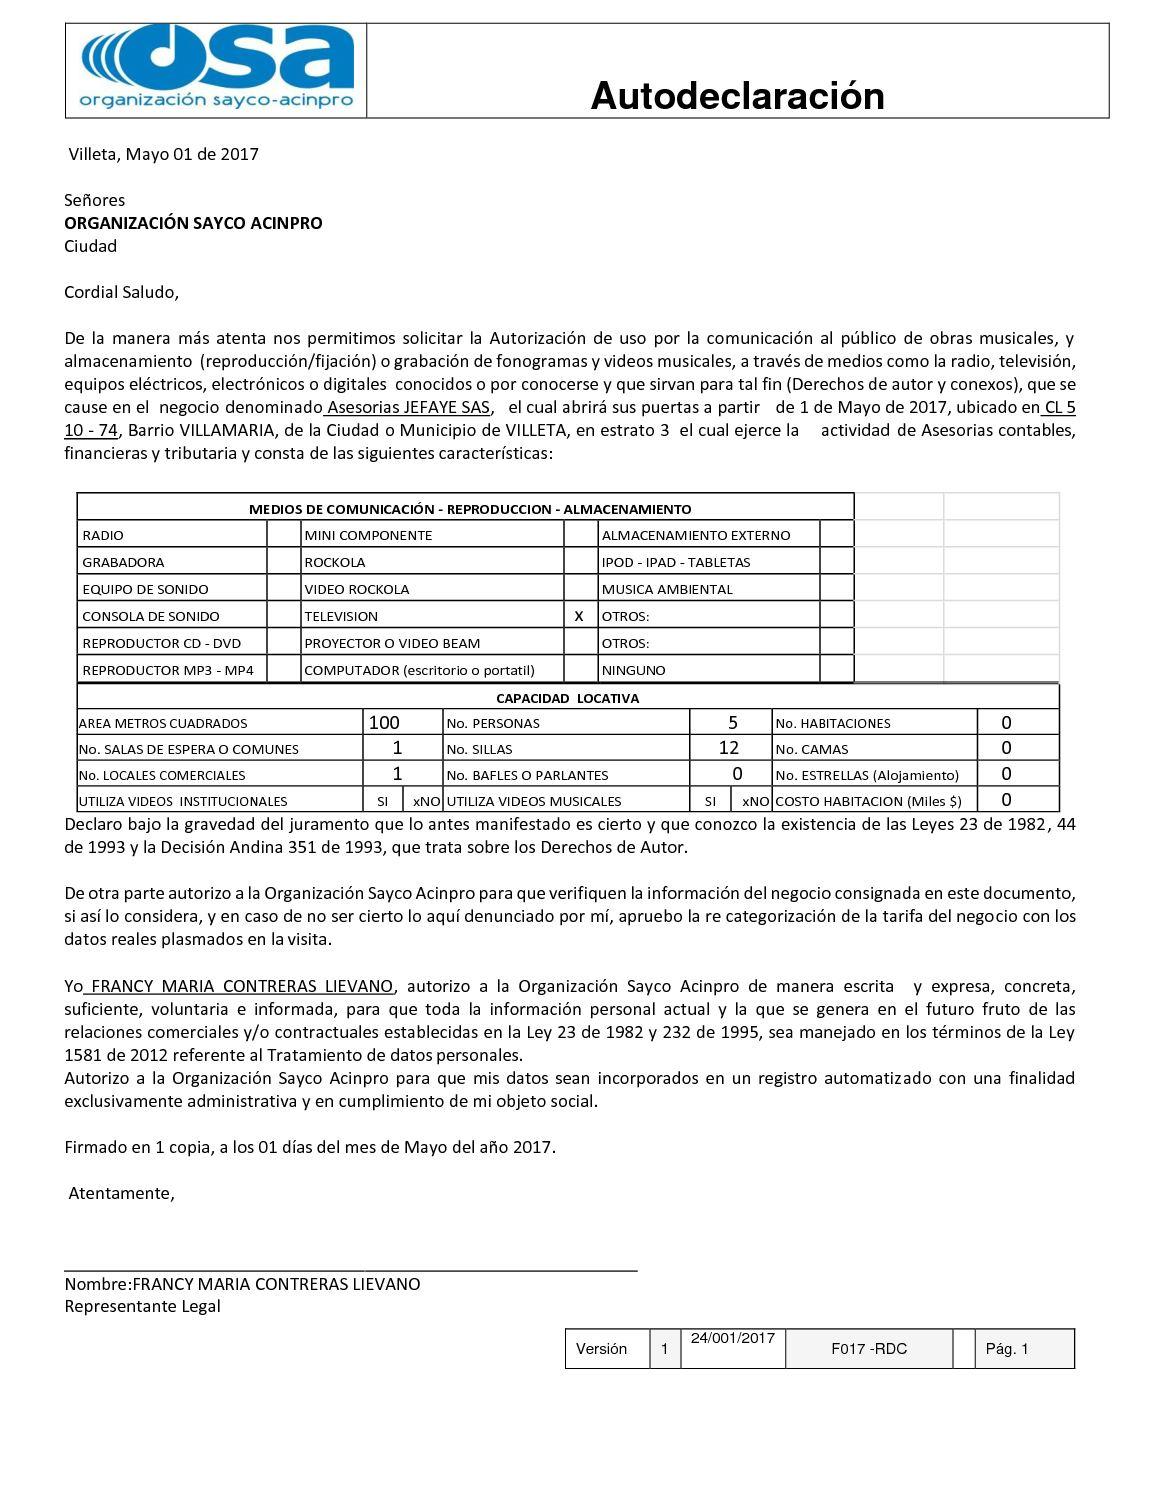 sayco y acinpro formulario